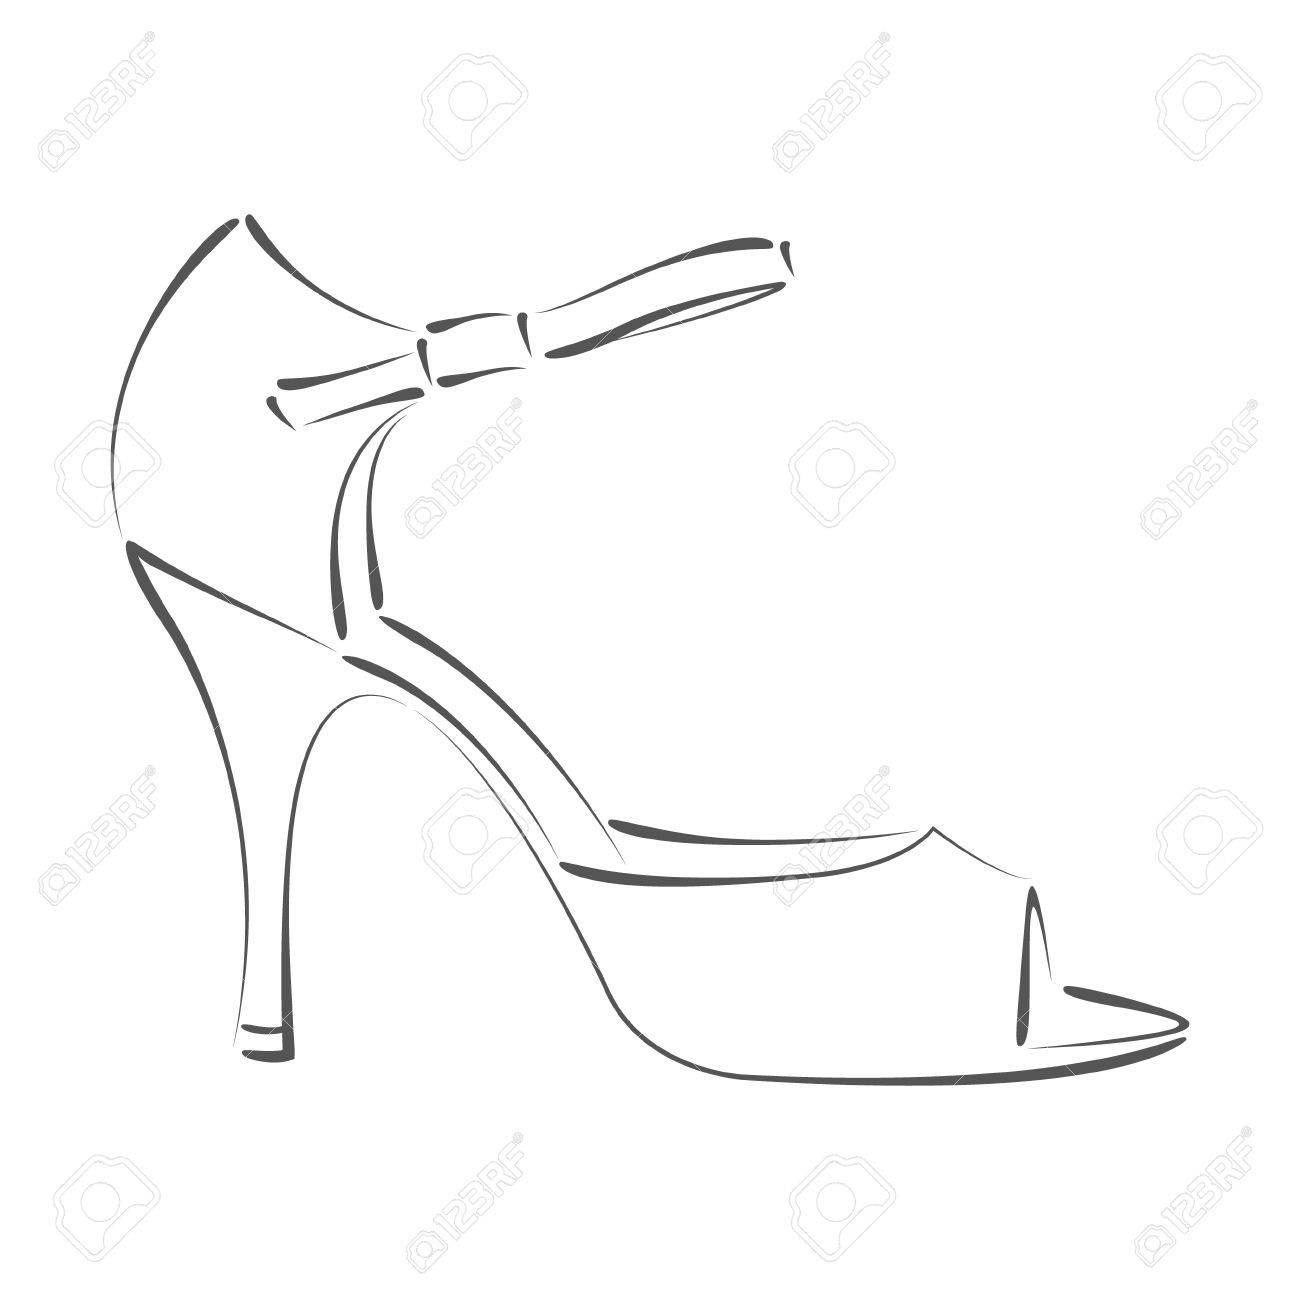 Wunderbar Schuh Ausgeschnittene Vorlage Ideen - Entry Level Resume ...